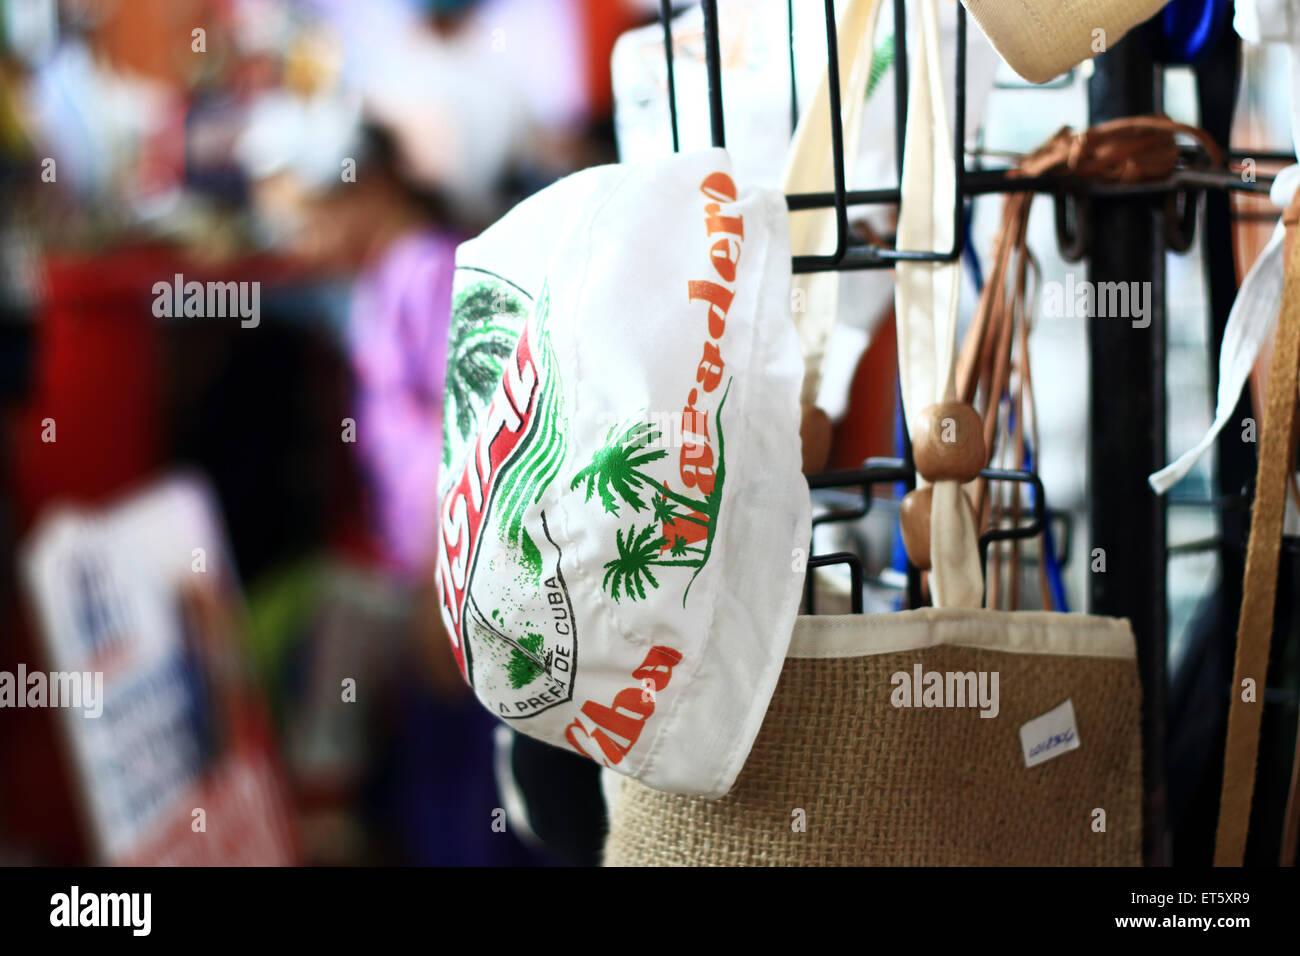 Tienda de souvenirs con diversas mercadería incluyendo tapón de algodón con  impresiones de Varadero y palmera de coco y yute arpillera Tote B 60ebba4b234